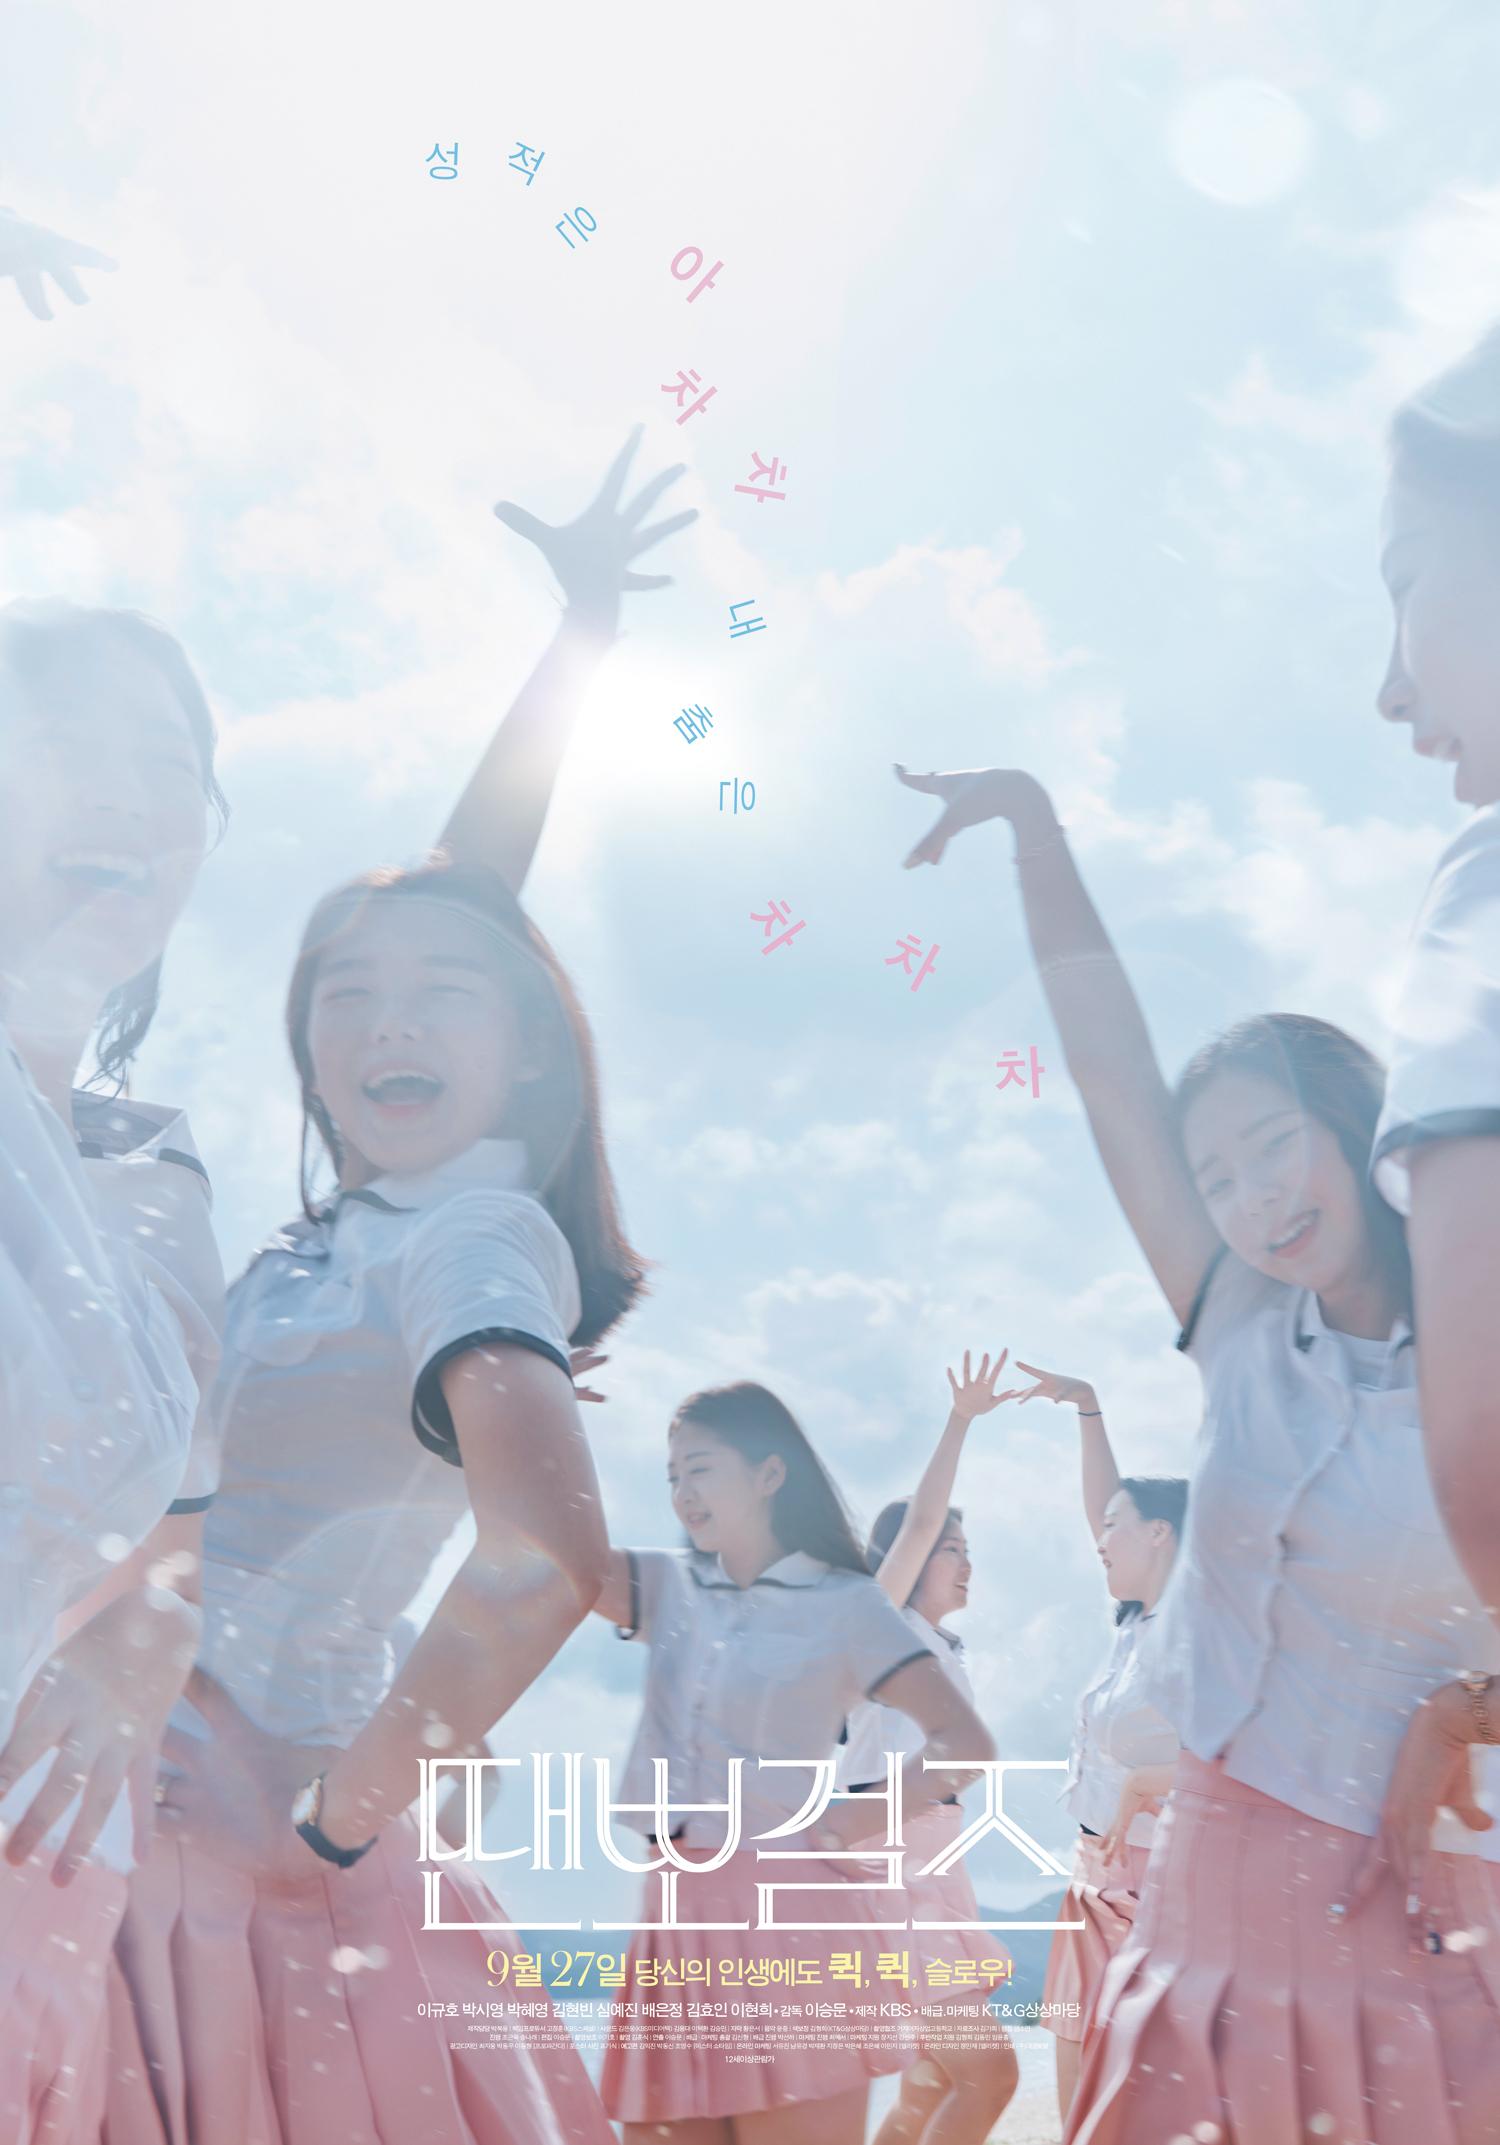 <땐뽀걸즈> 소녀들은 춤을 추며 절망에 맞서싸운다